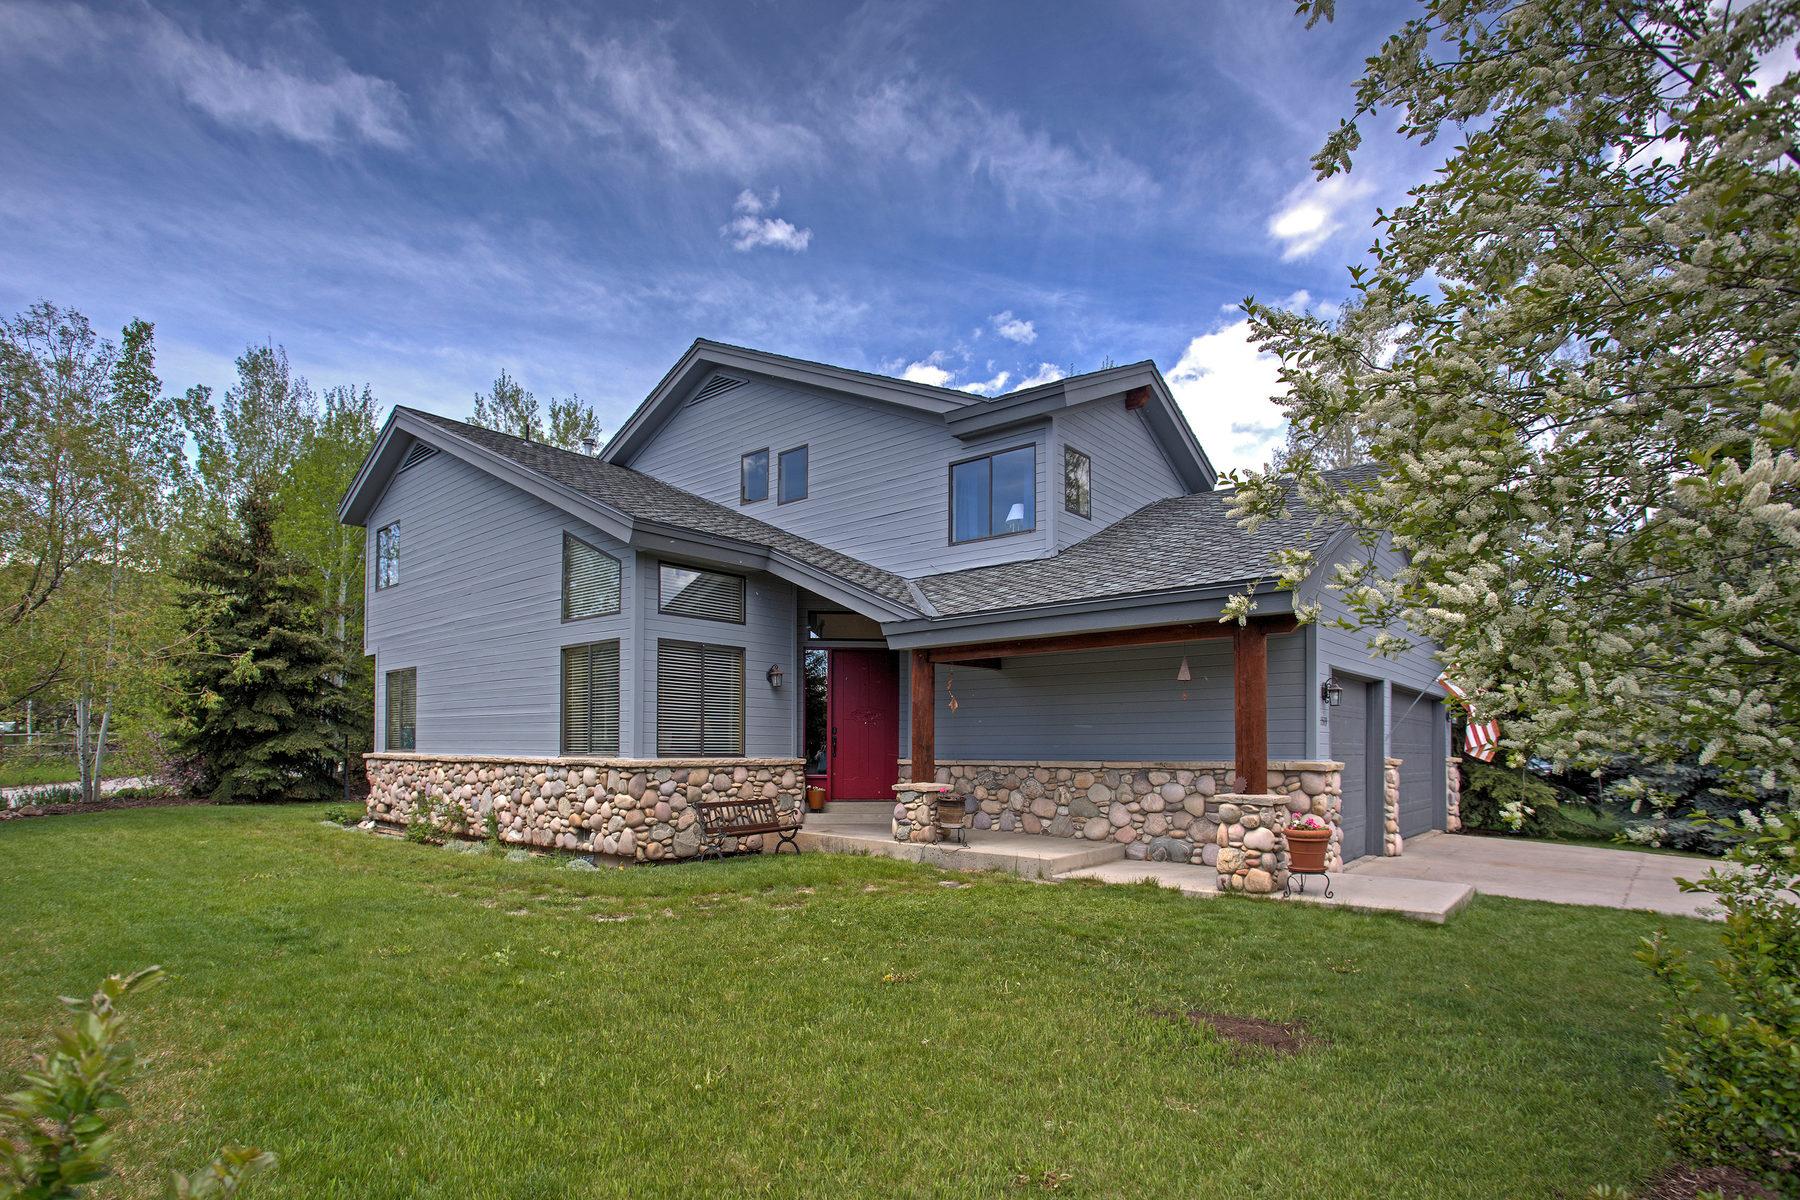 Частный односемейный дом для того Продажа на Creekside Home in Southshore 1589 Southshore Dr Park City, Юта, 84098 Соединенные Штаты